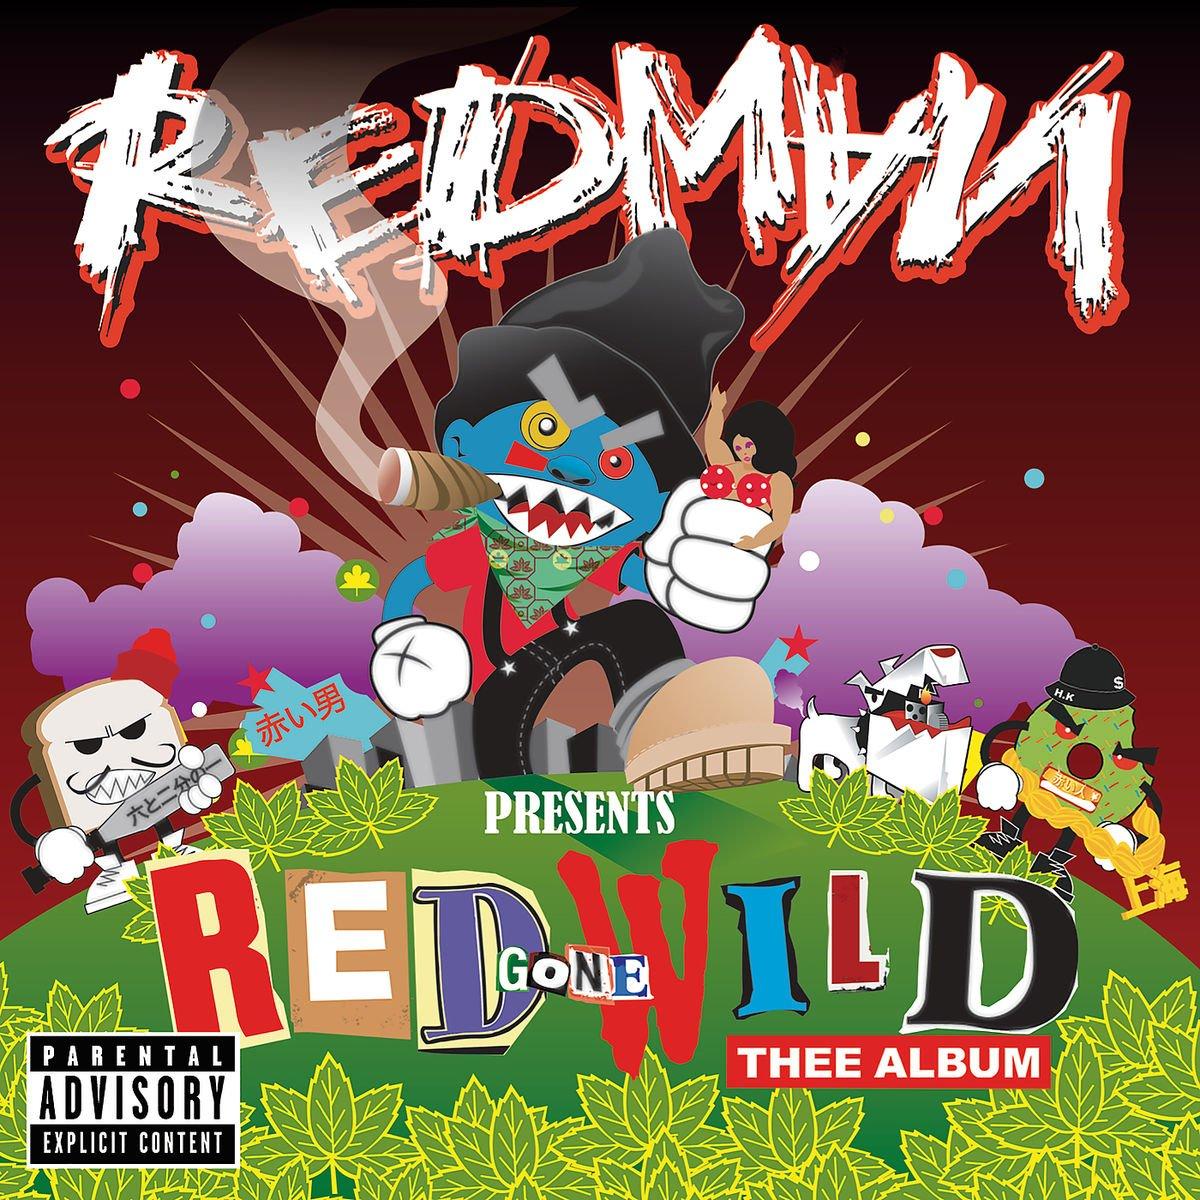 Redman. Red Gone Wild - Thee Album